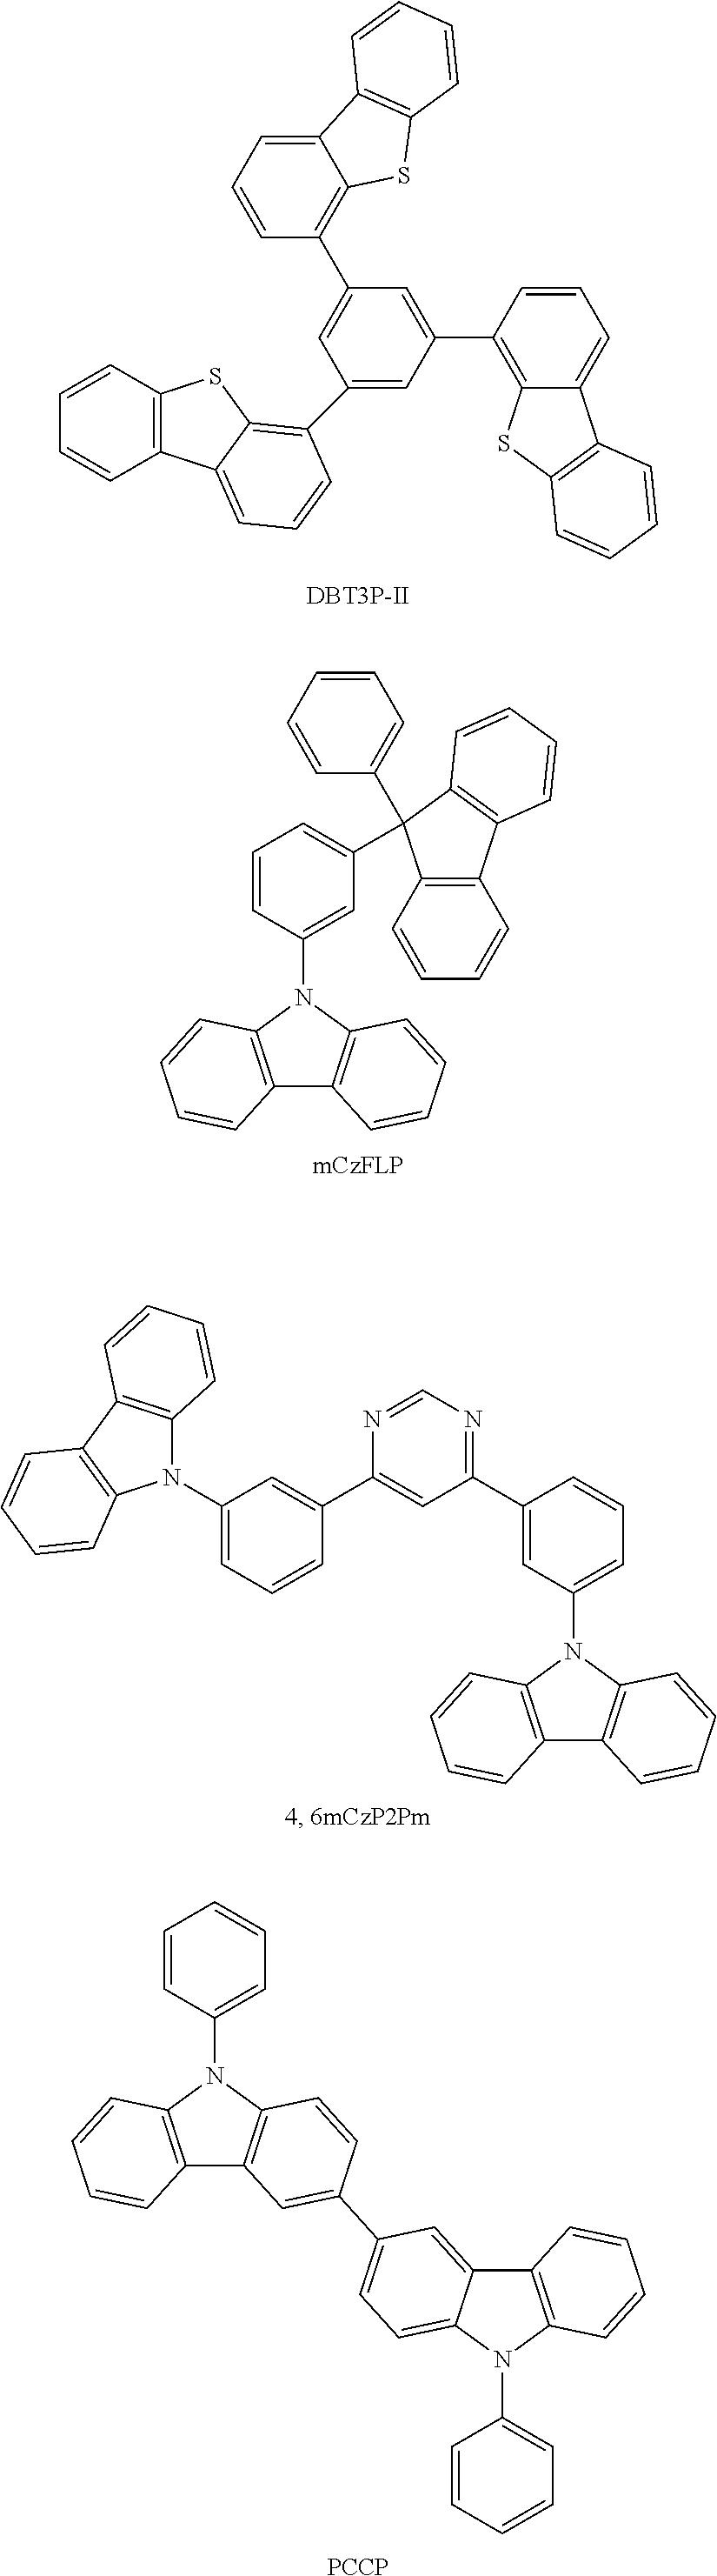 Figure US08889858-20141118-C00045